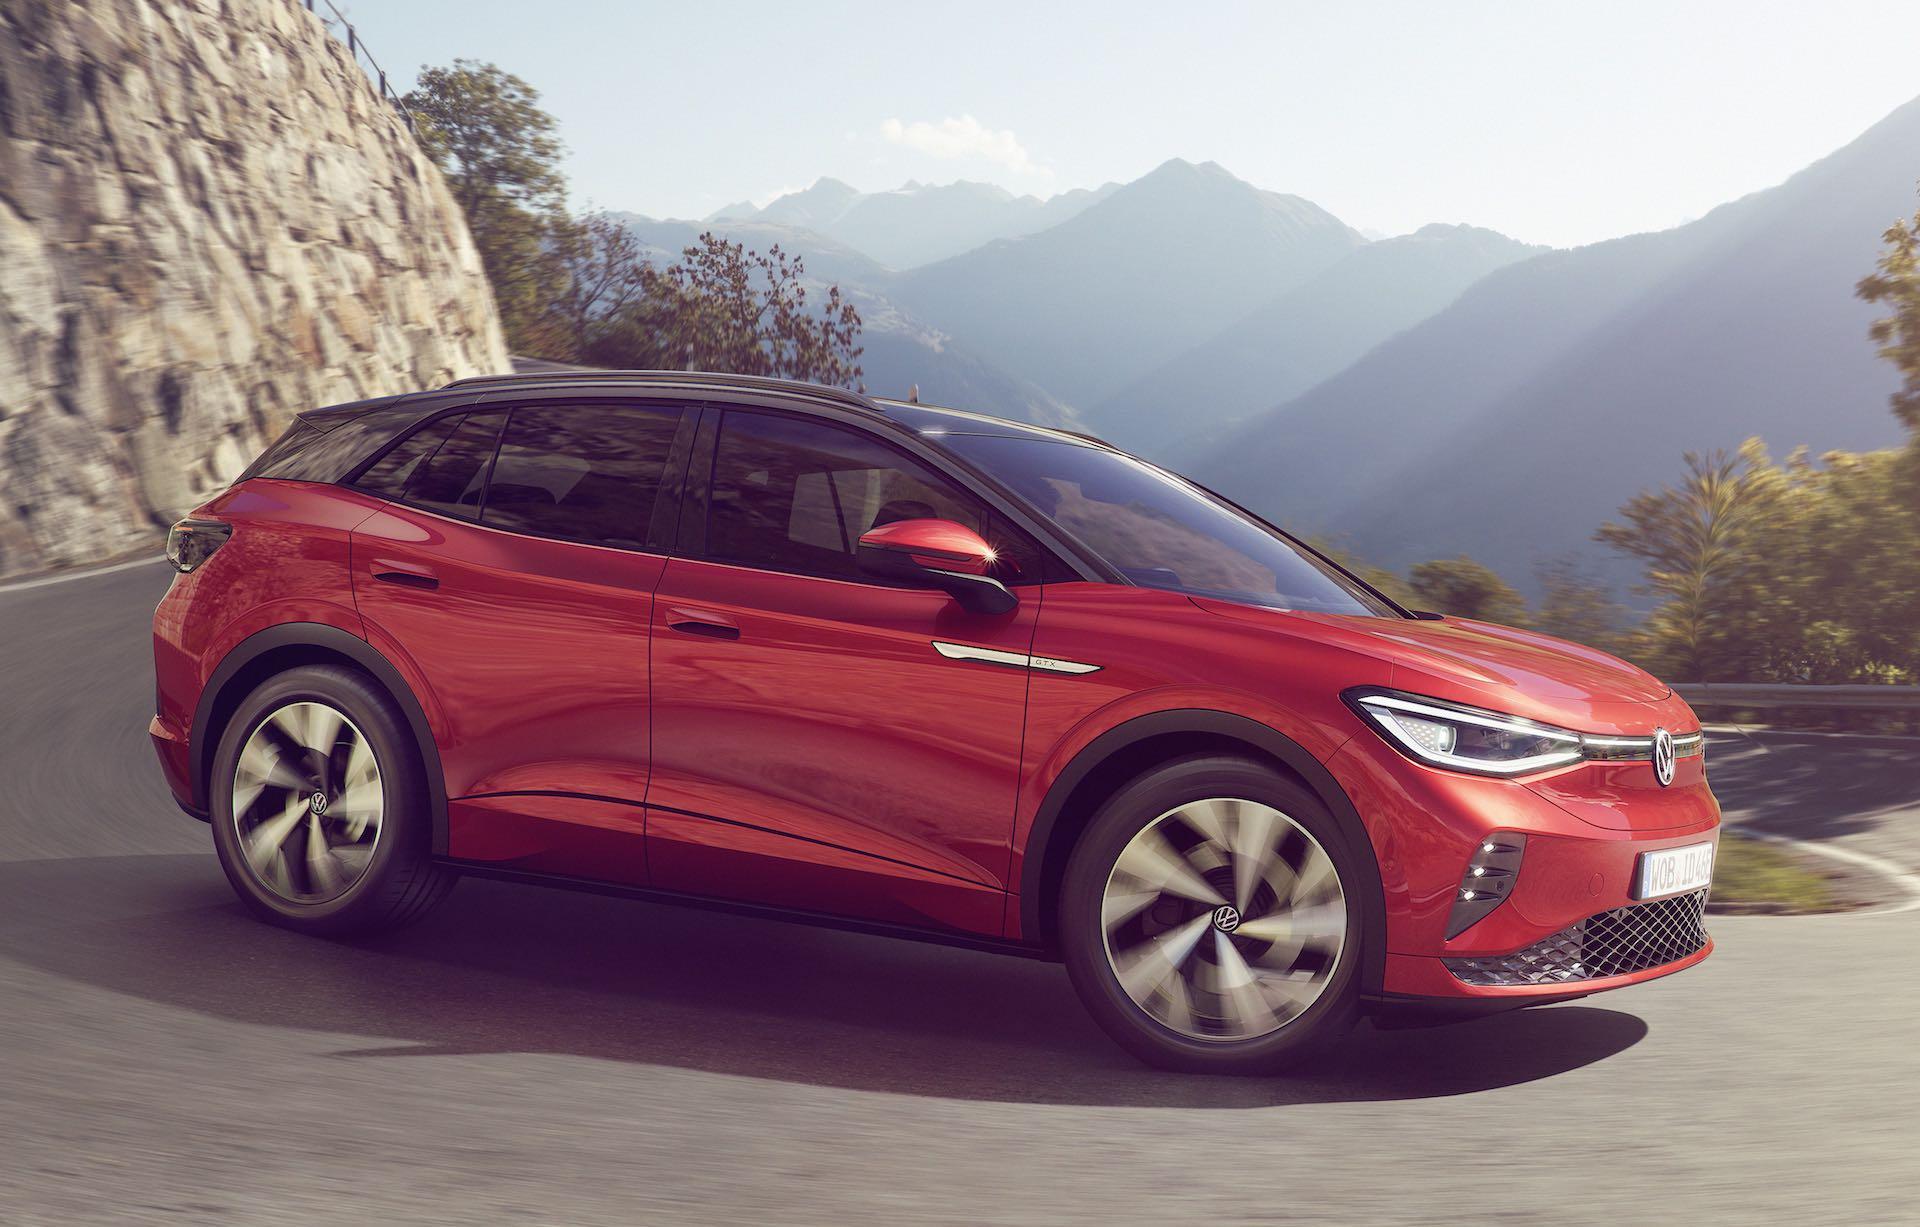 Групацијата Volkswagen бележи силен раст на продажбата на електрични автомобили